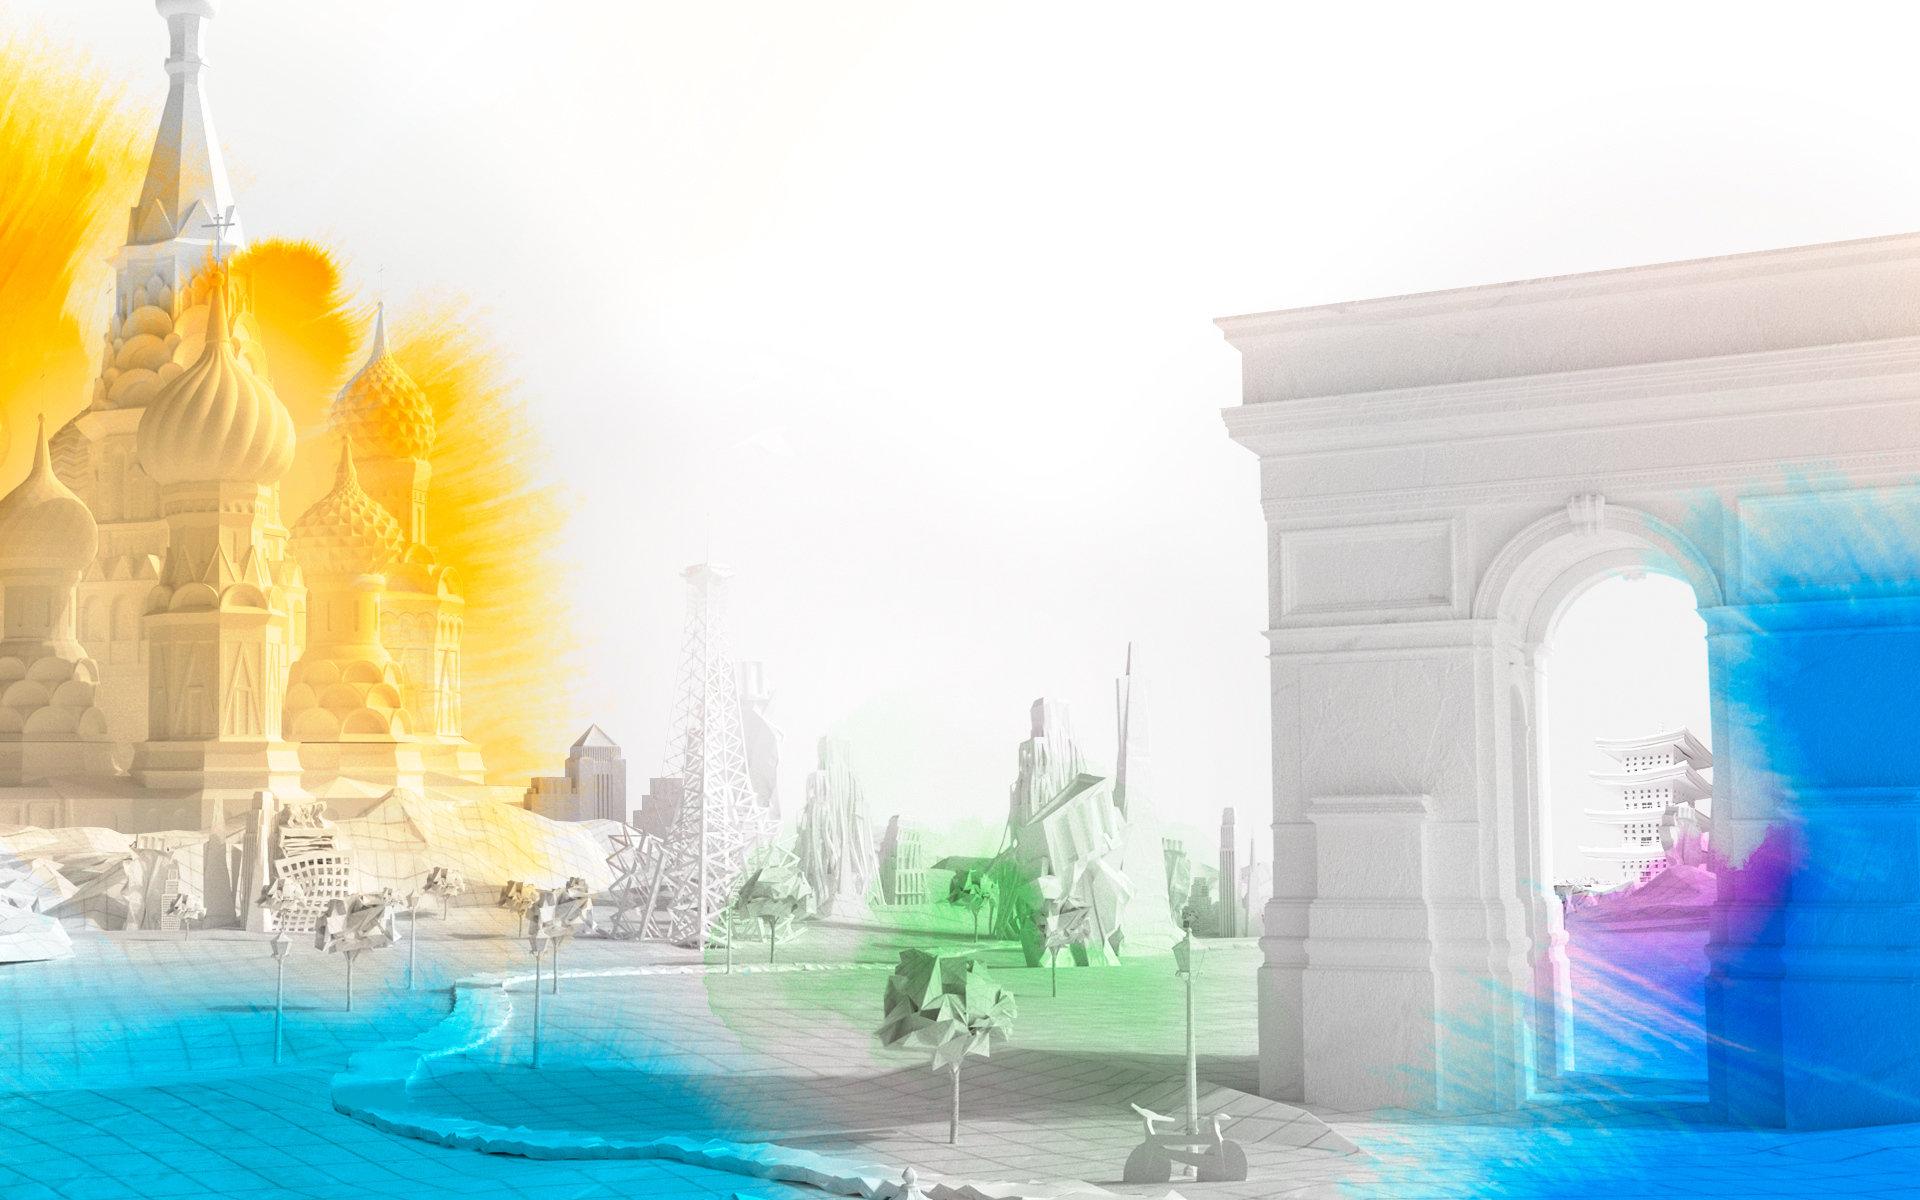 אפקטים חזותיים נוצרו עבור התוכן המקורי